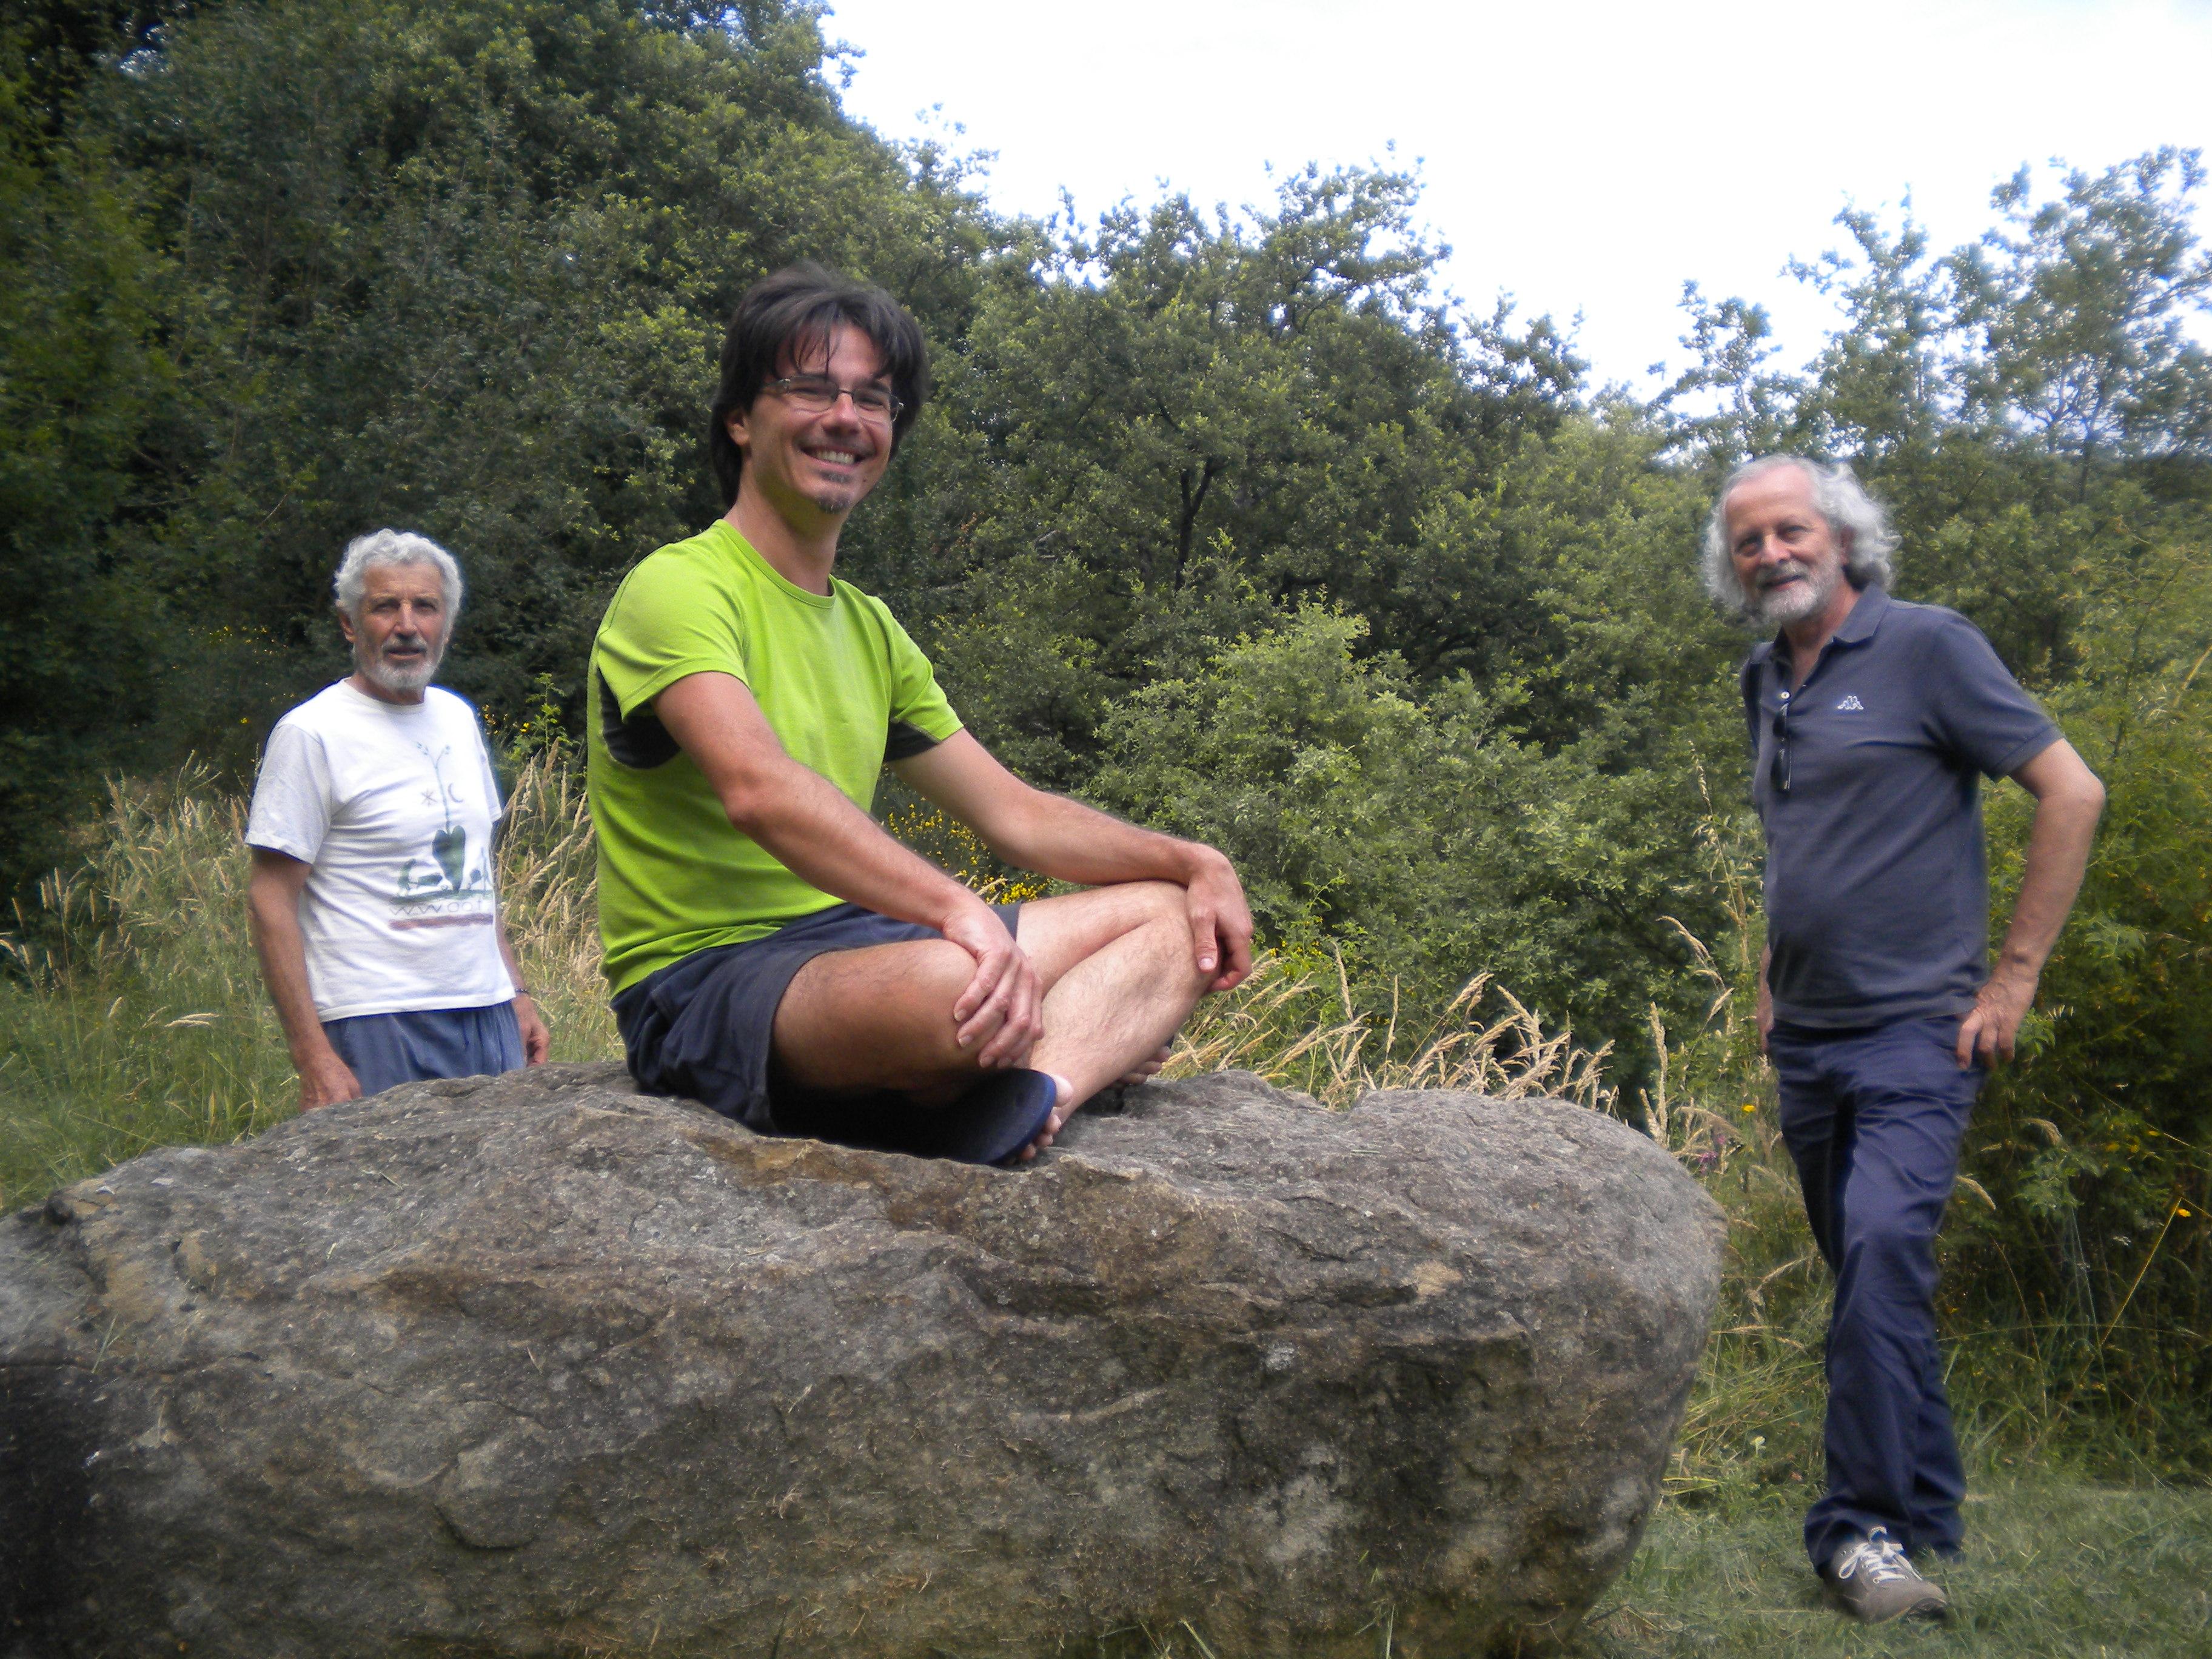 Al Centro Panta Rei, con Dino Mengucci e l'amico di #2RR Tullio Bugari